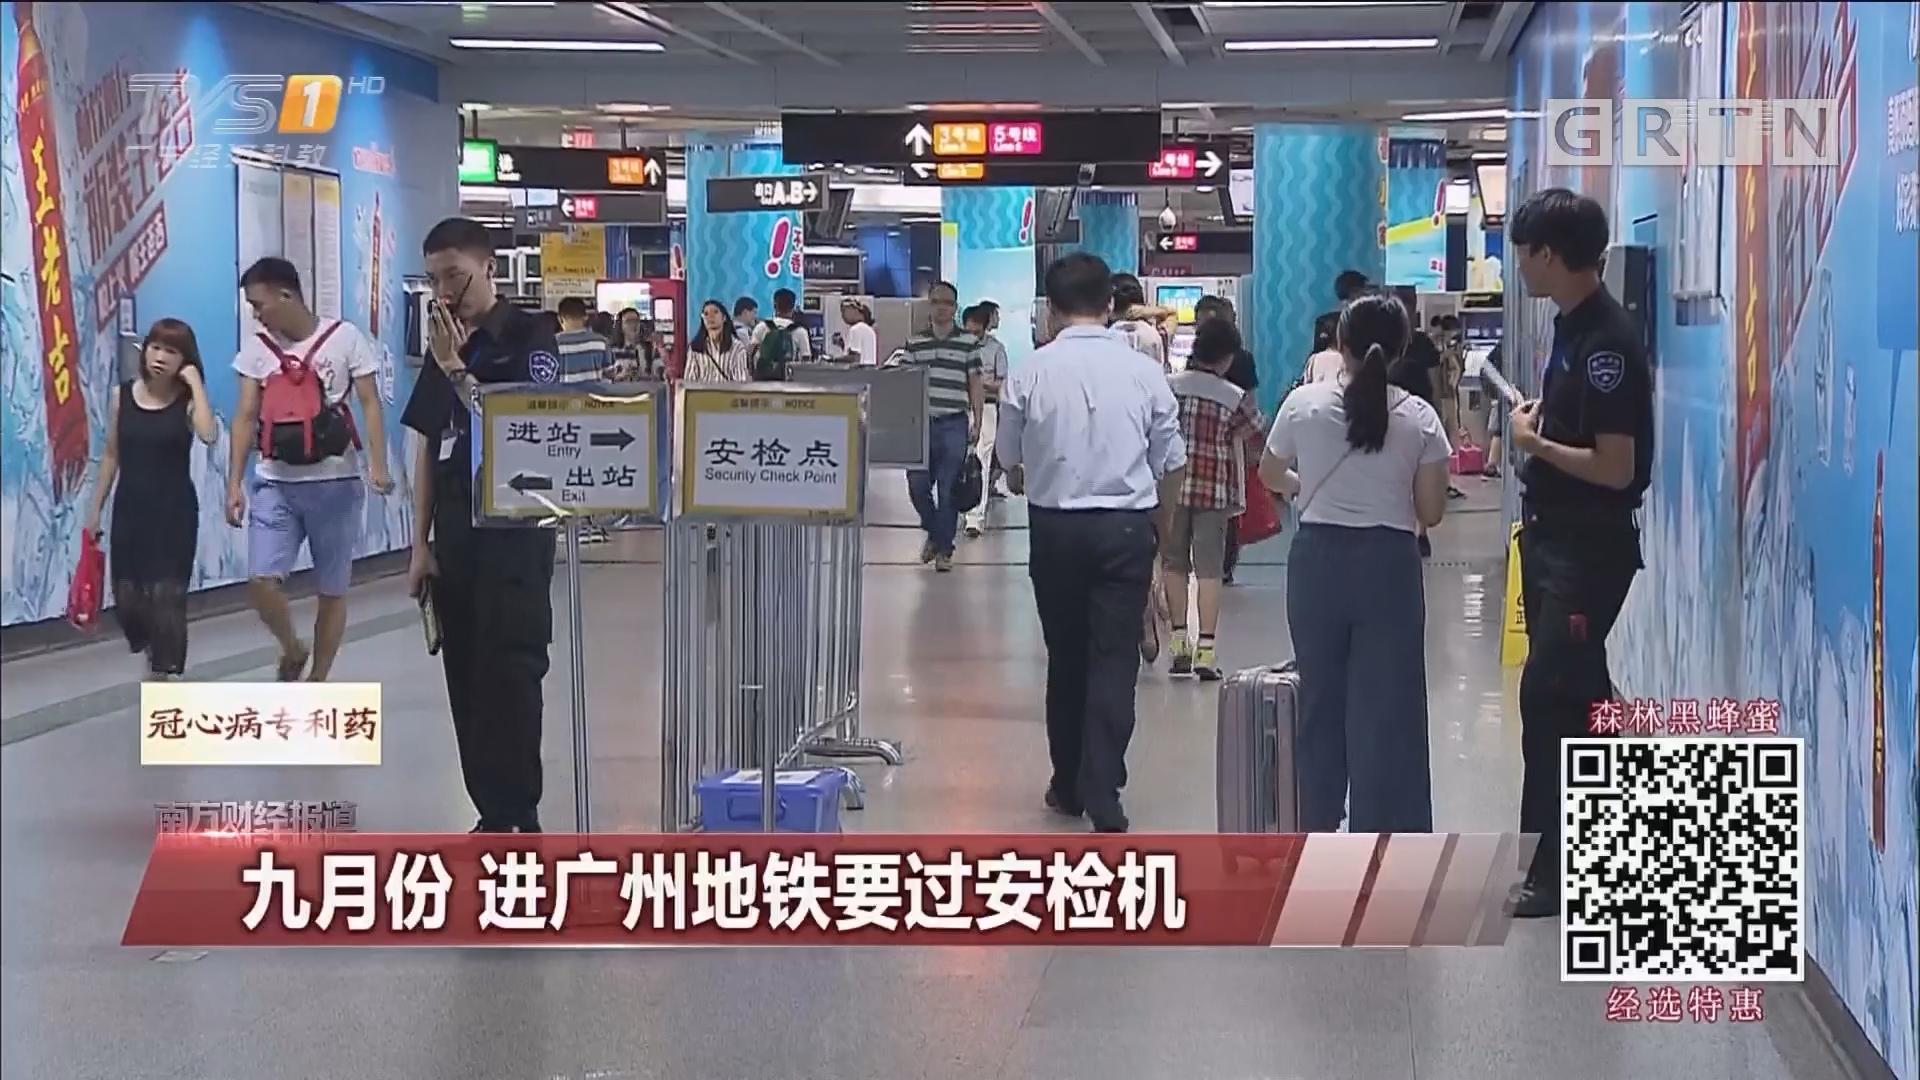 九月份 进广州地铁要过安检机